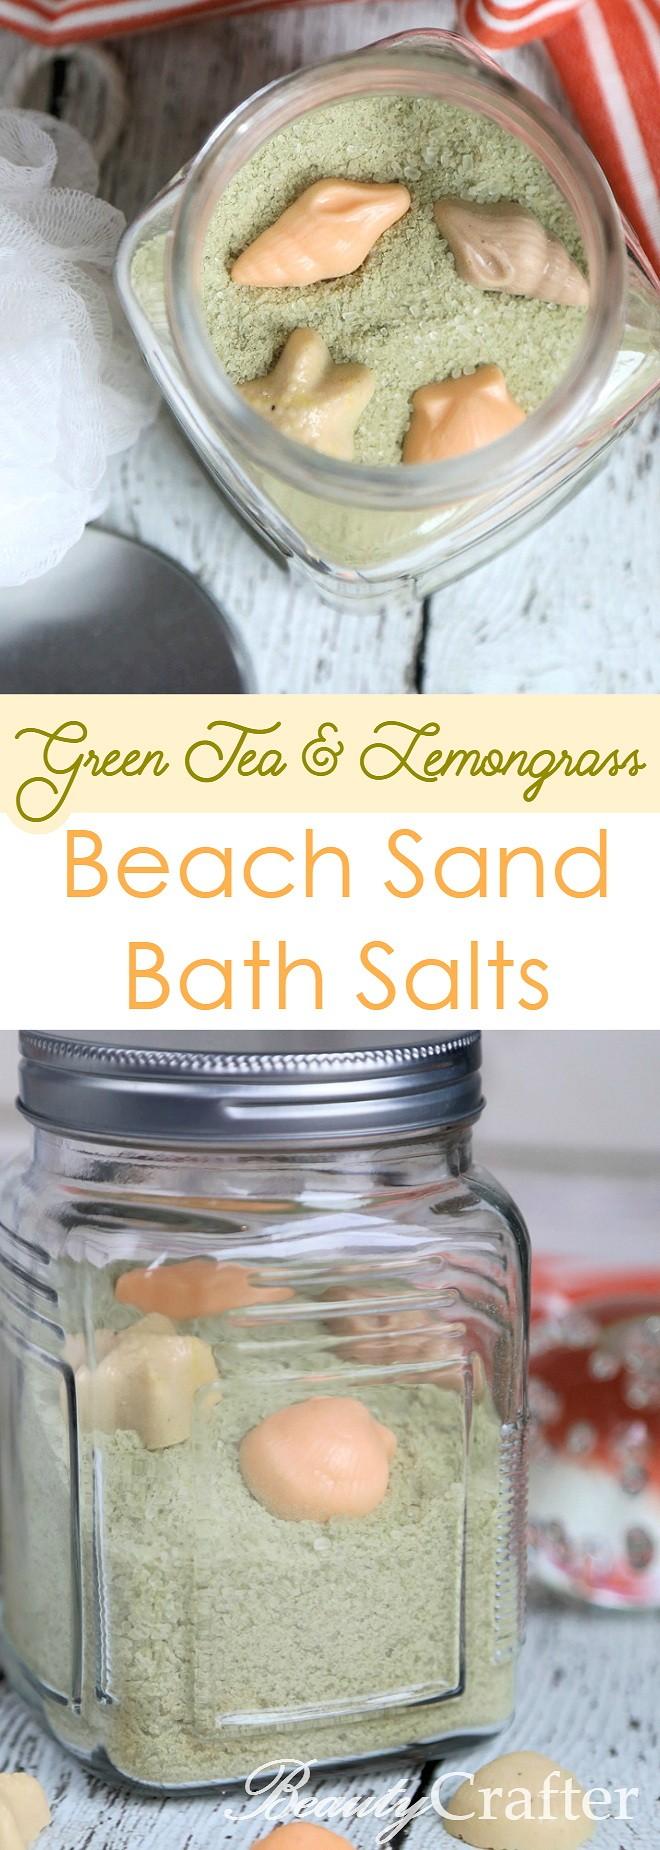 Green Tea & Lemongrass Beach Sand Bath Salts Recipe